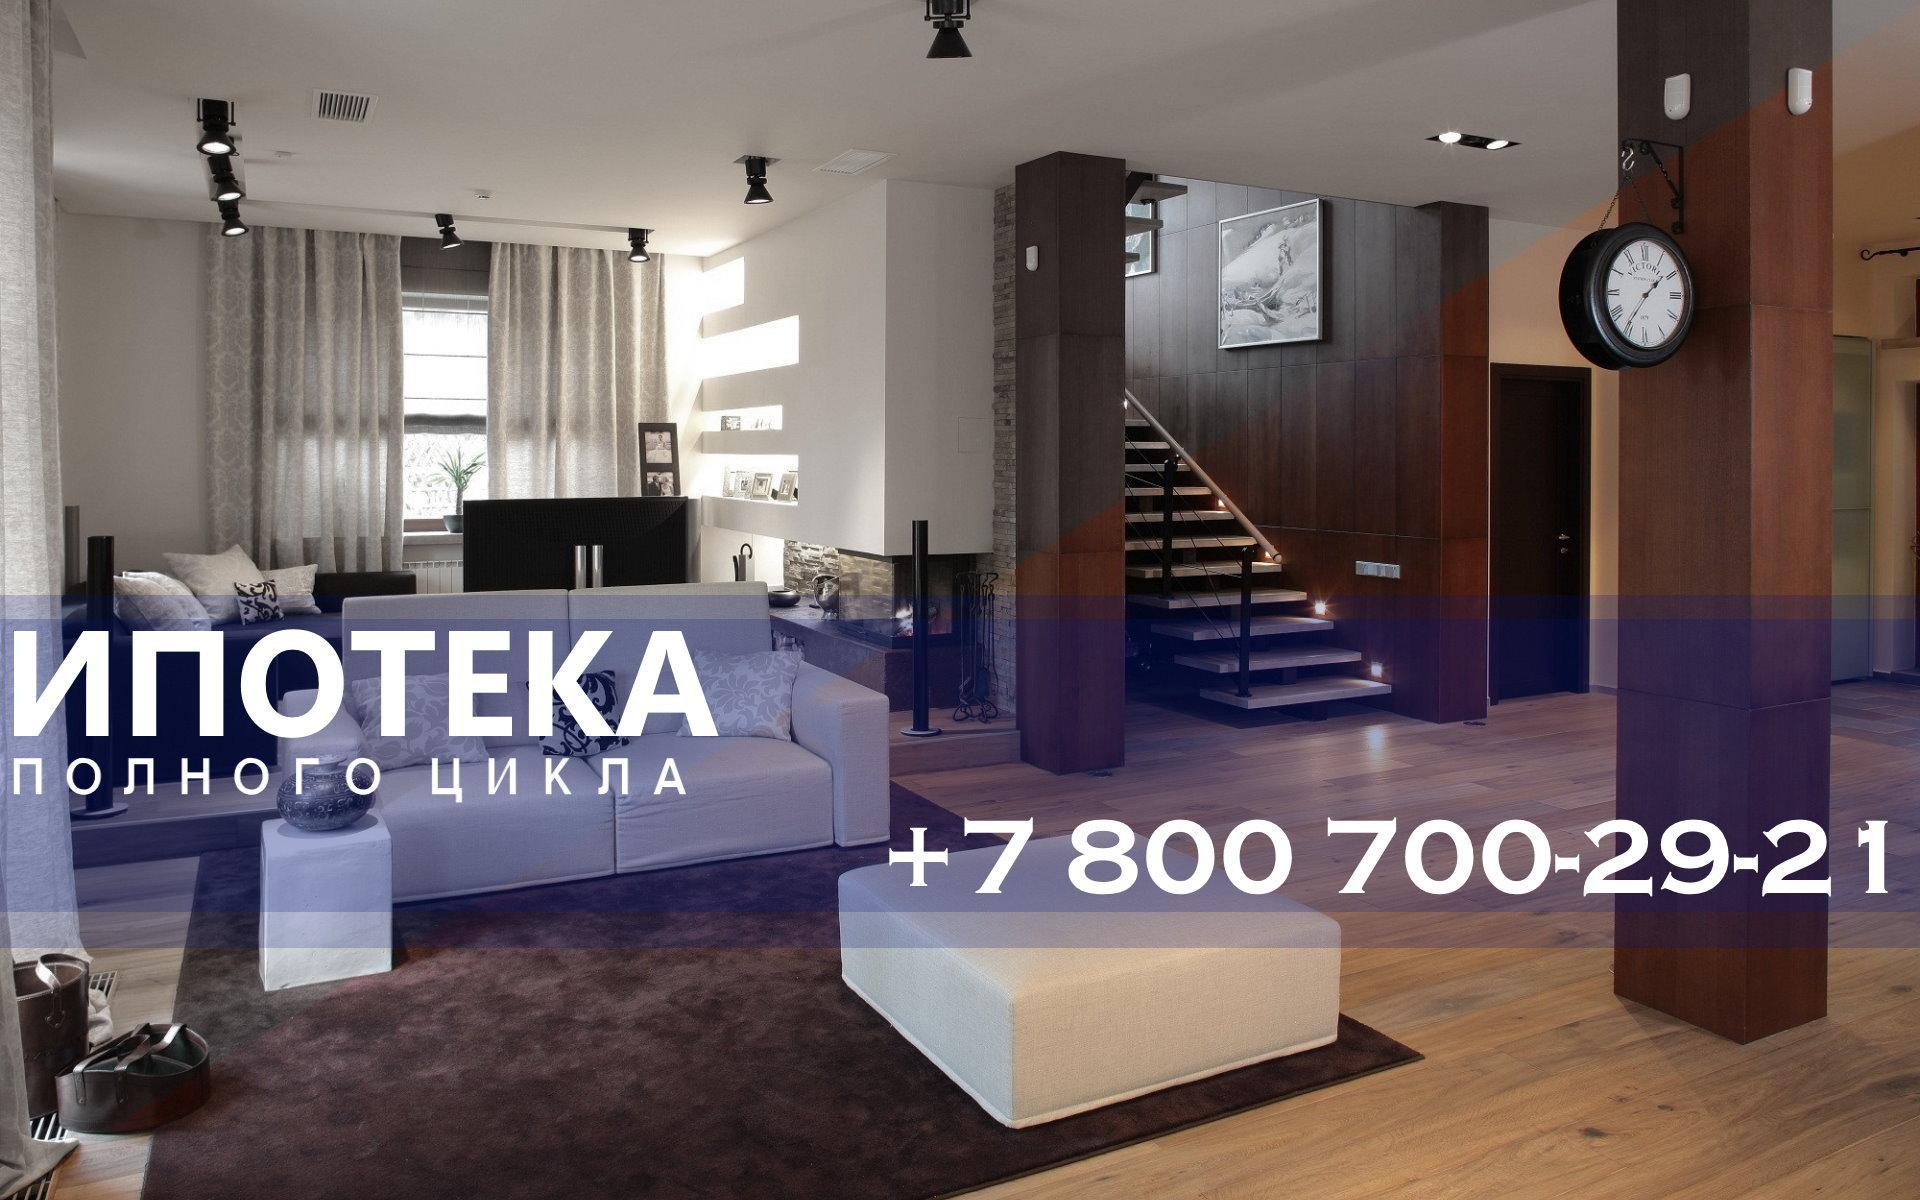 Ипотечный брокер стоимость услуг в Москве